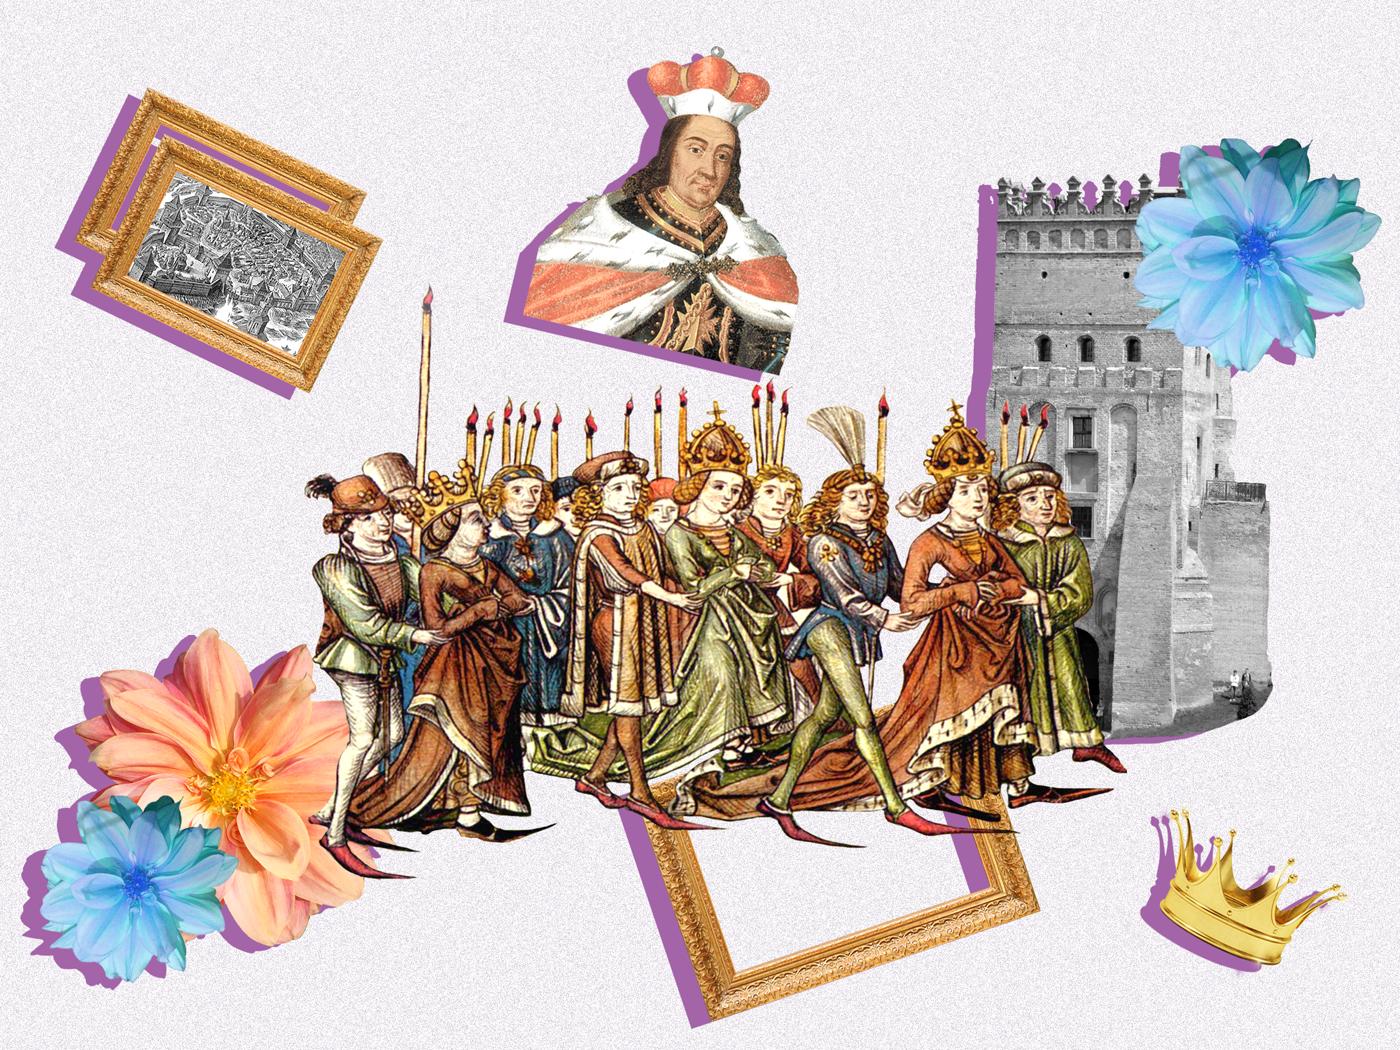 Луцький з'їзд монархів: Барбара Циллі, імператриця Священної Римської імперії